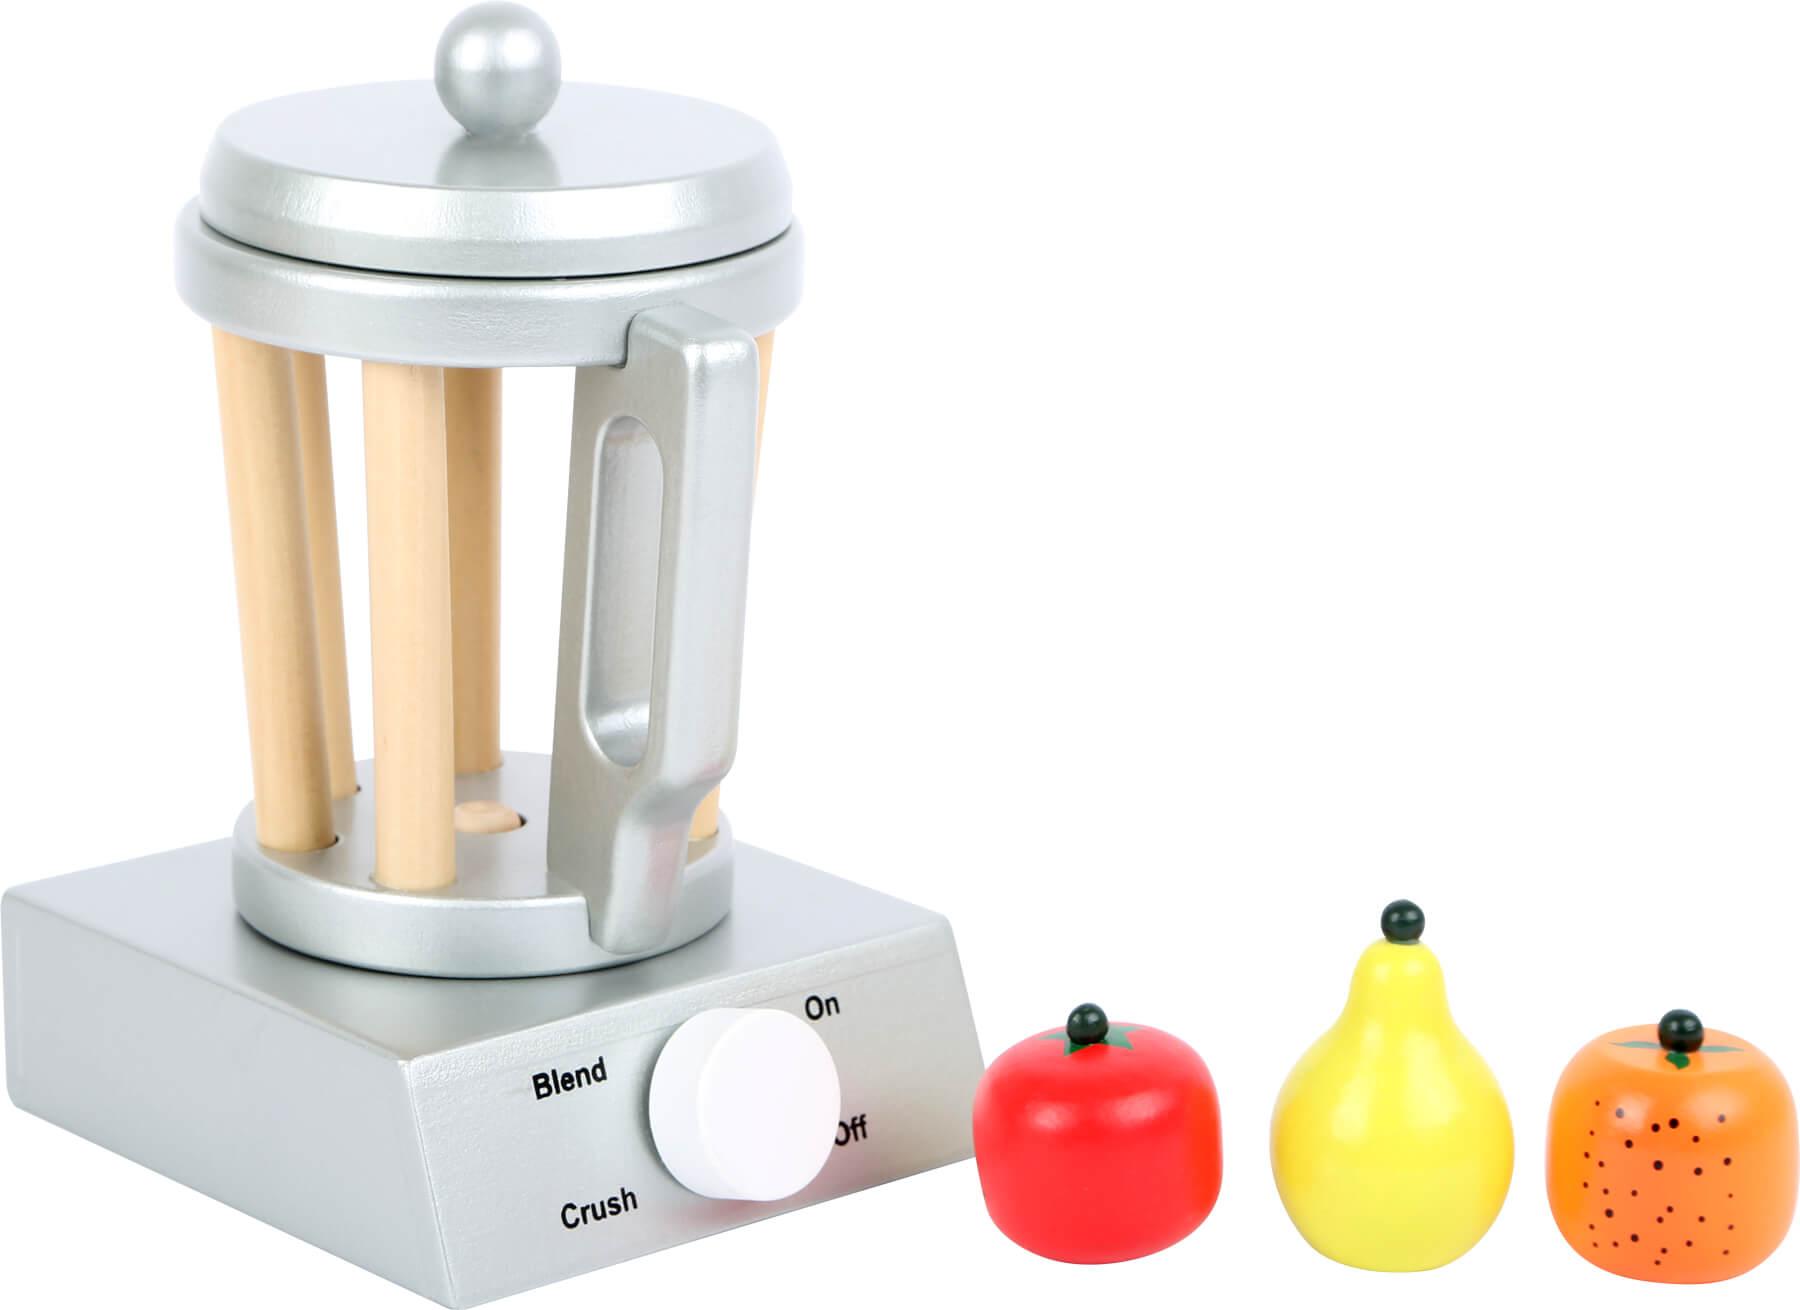 Frullatore cucina per bimbi - In cucina - Gioco di ruolo - Products